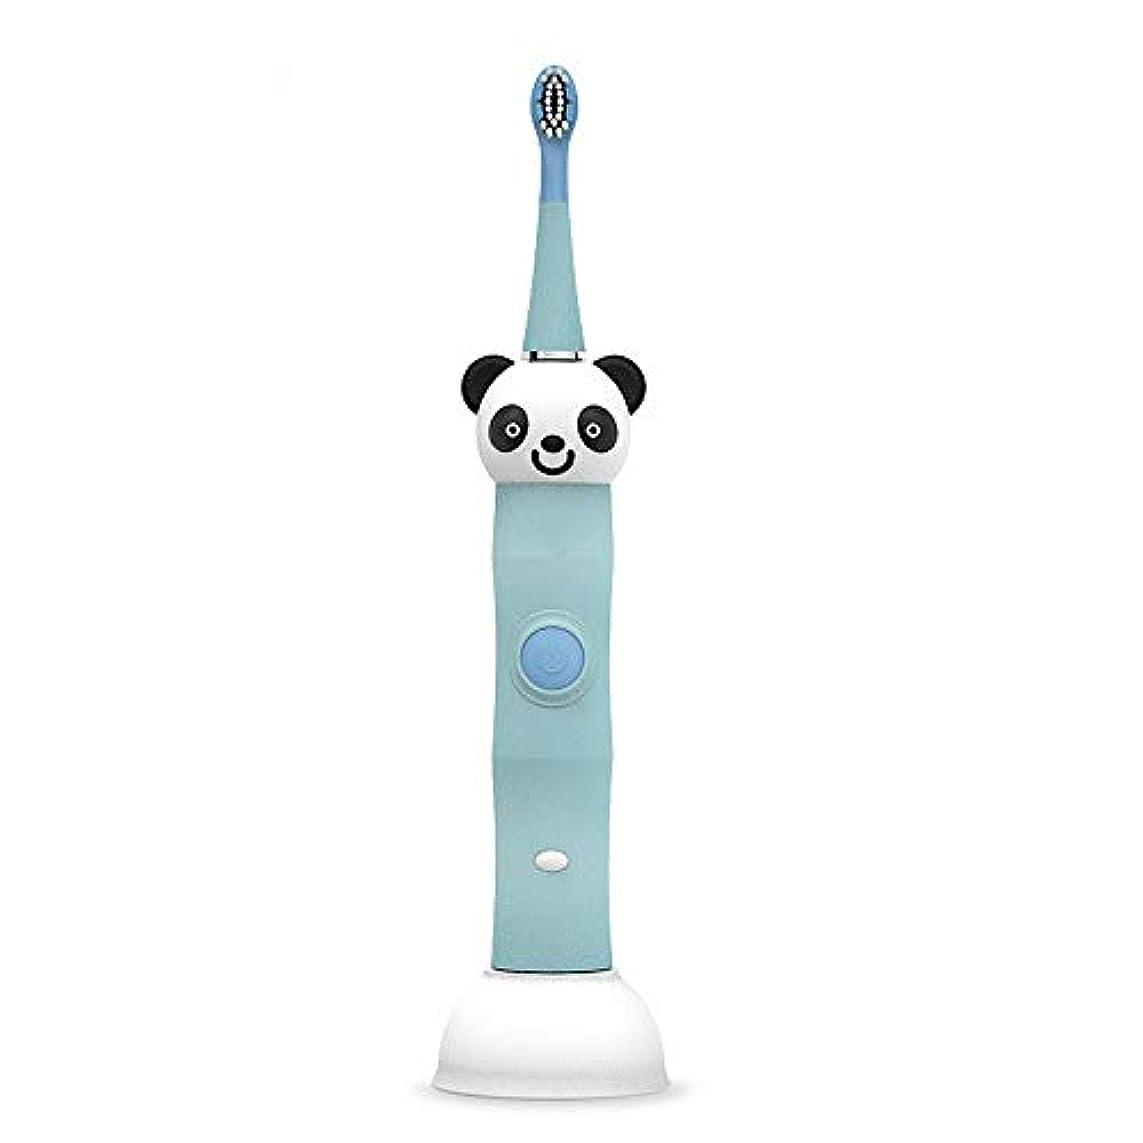 ブレーキ後者再生可能電動歯ブラシ 毎日の使用のためのUSBの充満基盤の柔らかい毛のきれいな歯ブラシと防水子供の電動歯ブラシ 大人と子供向け (色 : 青, サイズ : Free size)